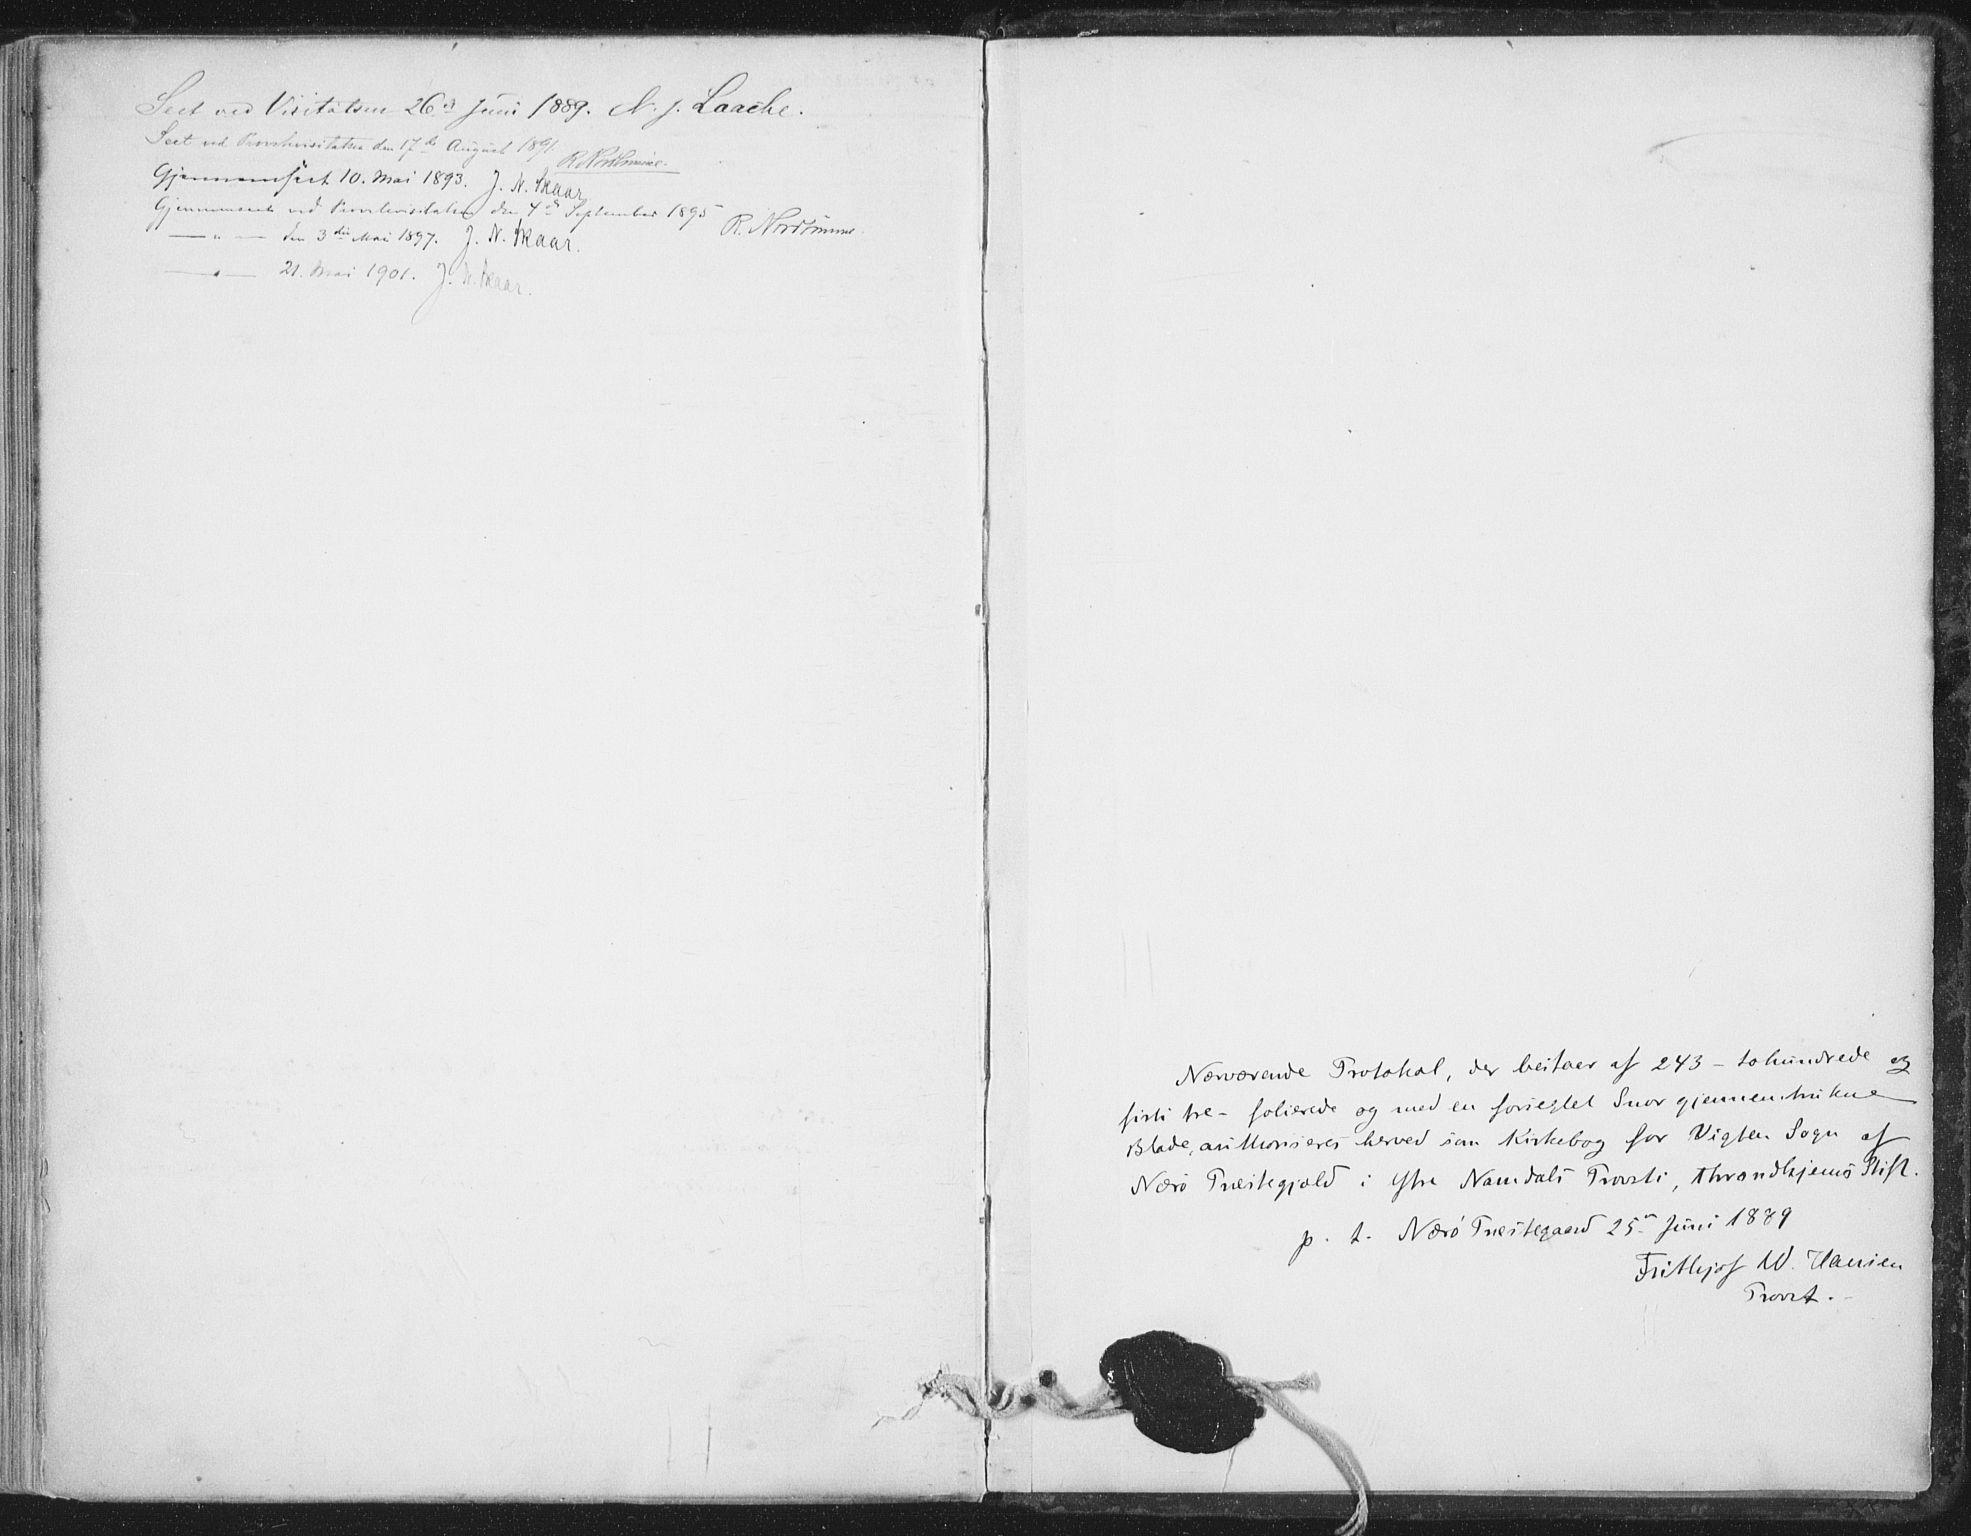 SAT, Ministerialprotokoller, klokkerbøker og fødselsregistre - Nord-Trøndelag, 786/L0687: Ministerialbok nr. 786A03, 1888-1898